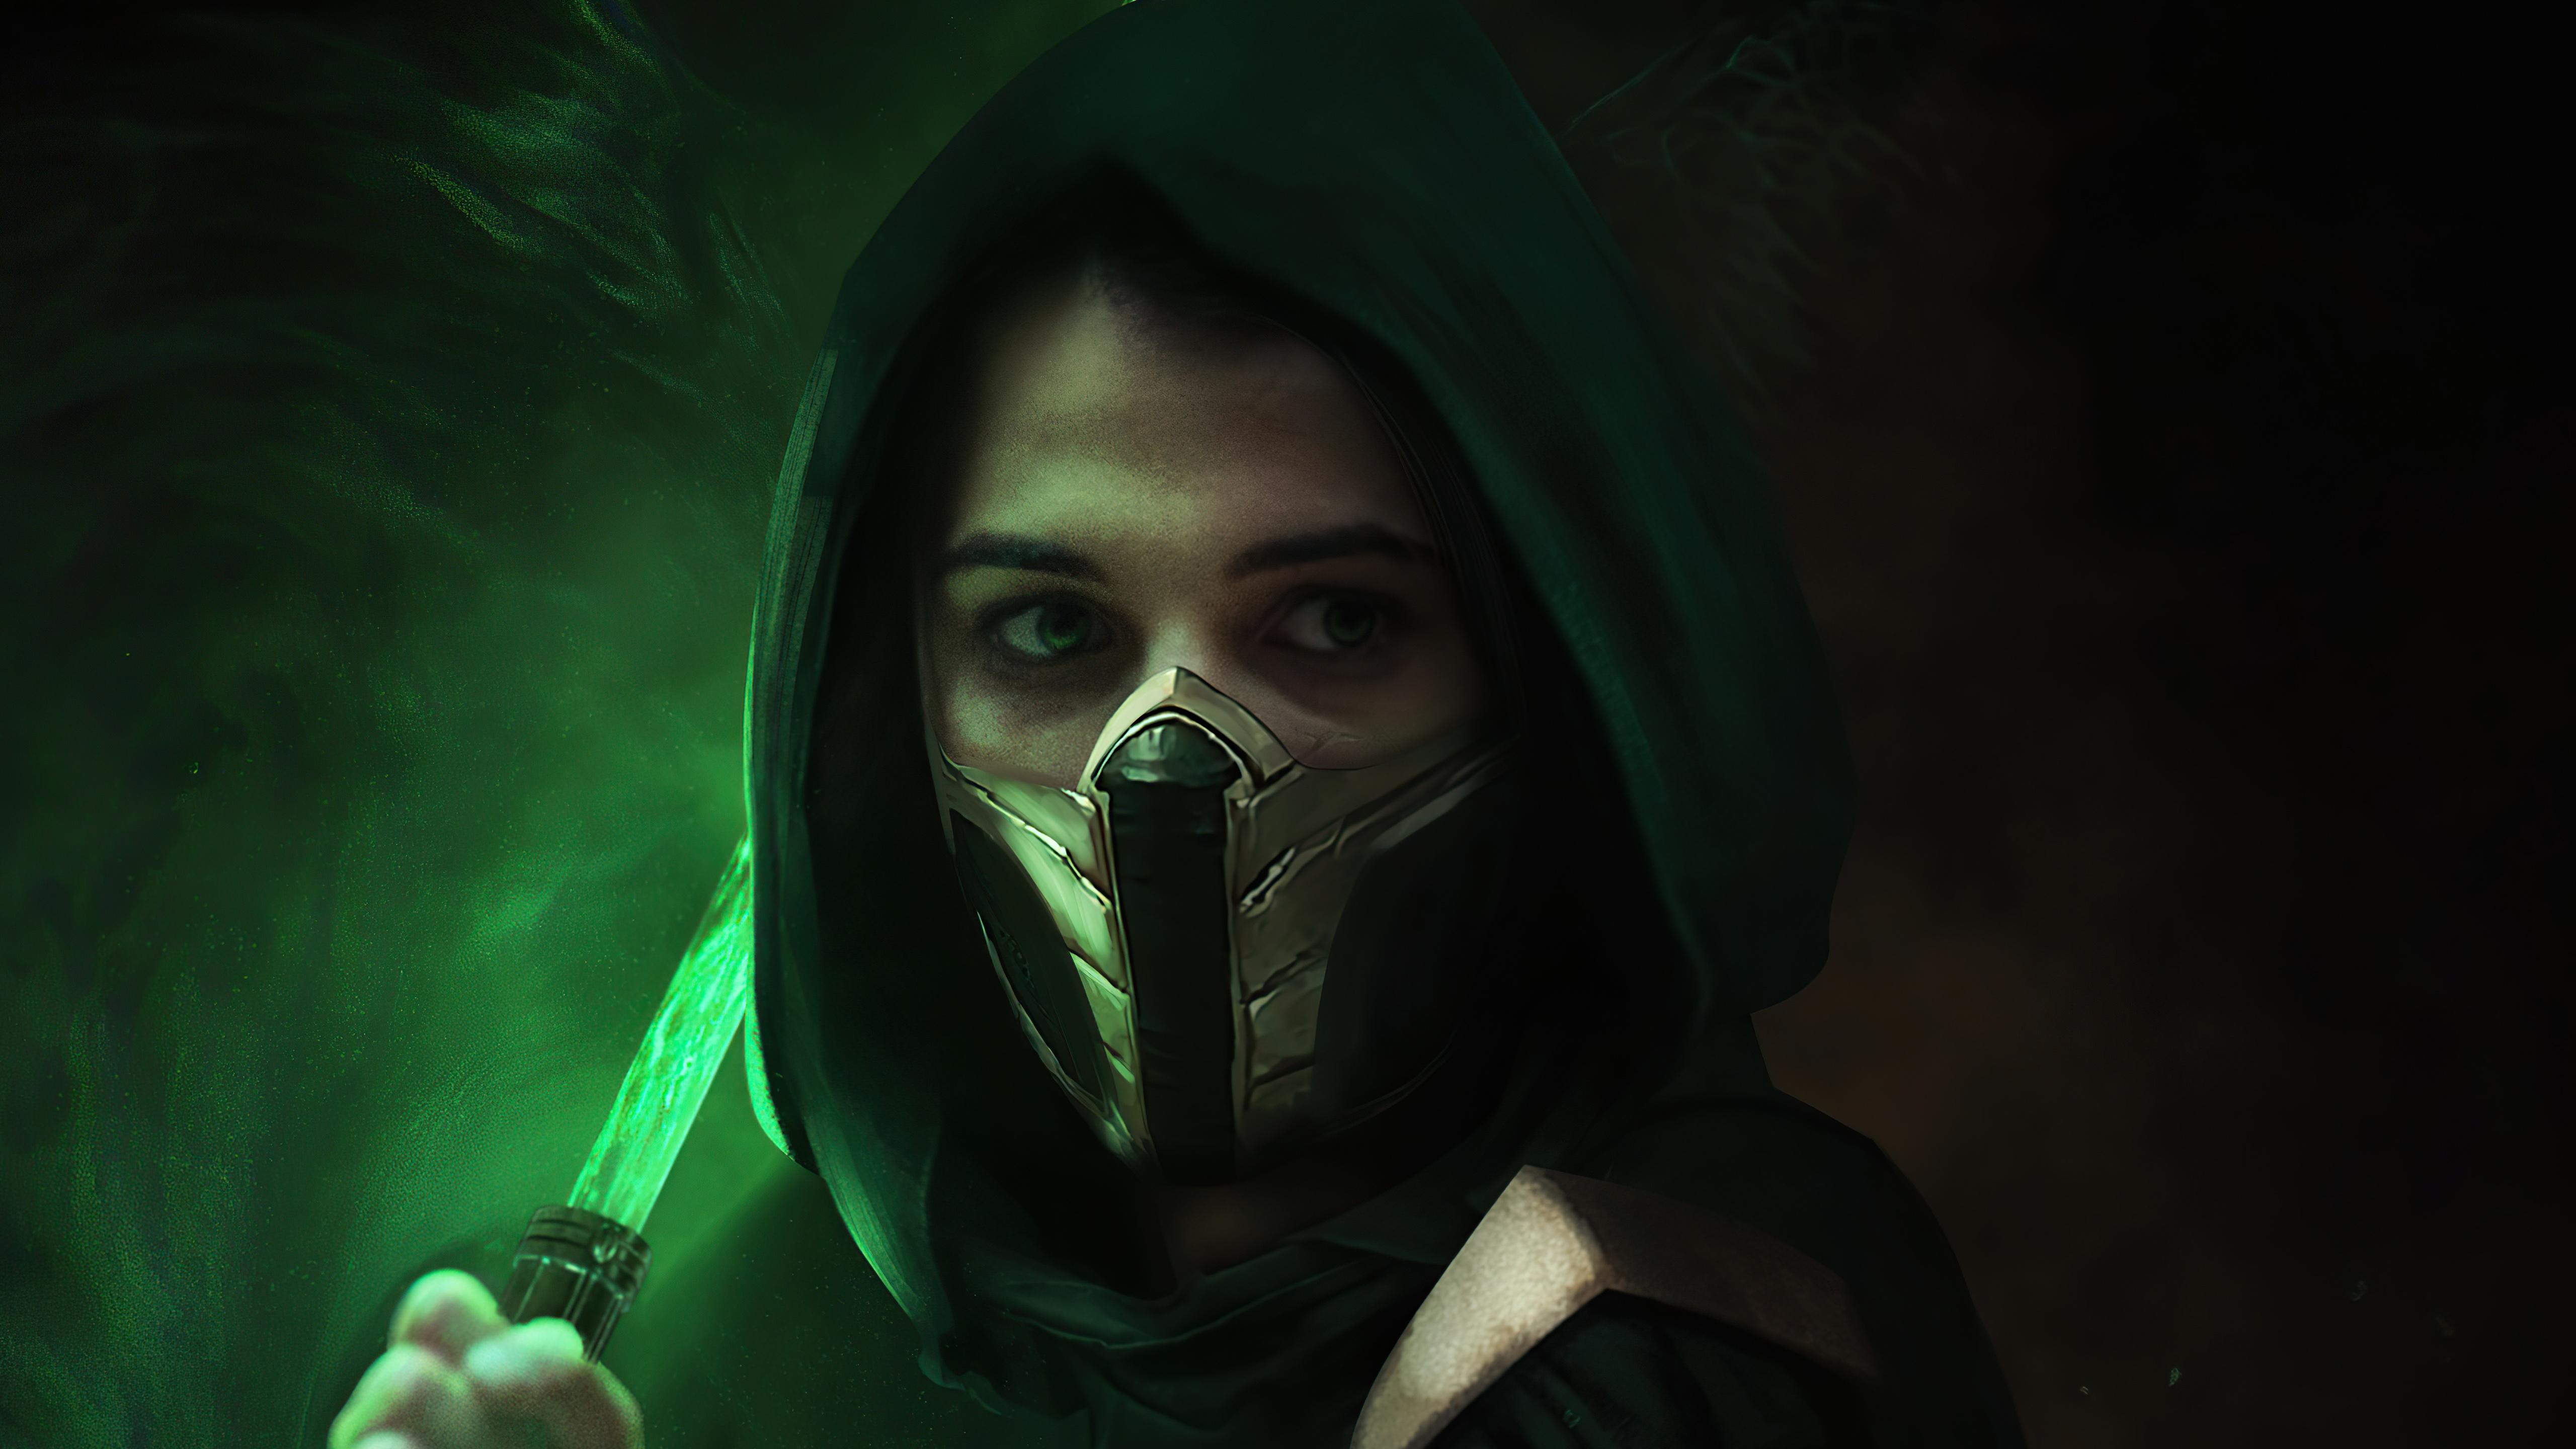 naomi scott as jade mortal kombat movie 4k 1618166583 - Naomi Scott As Jade Mortal Kombat Movie 4k - Naomi Scott As Jade Mortal Kombat Movie 4k wallpapers